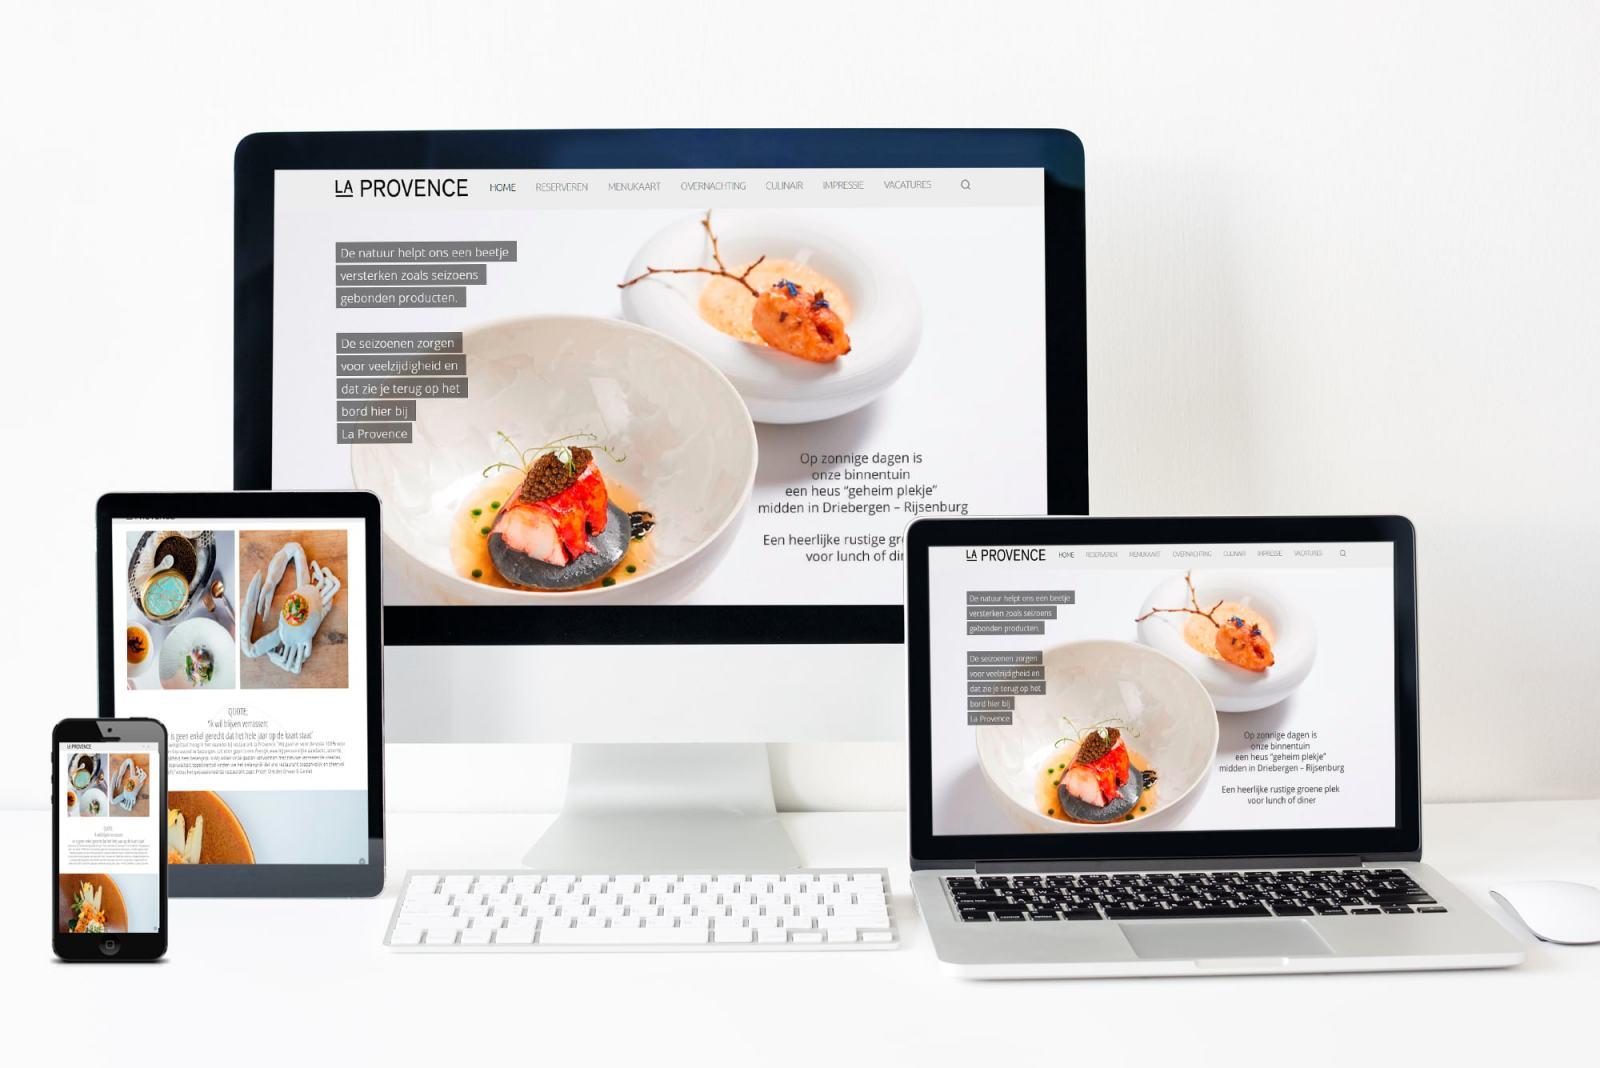 Restaurant La Provence is culinair genieten in Driebergen en bekroond door Michelin